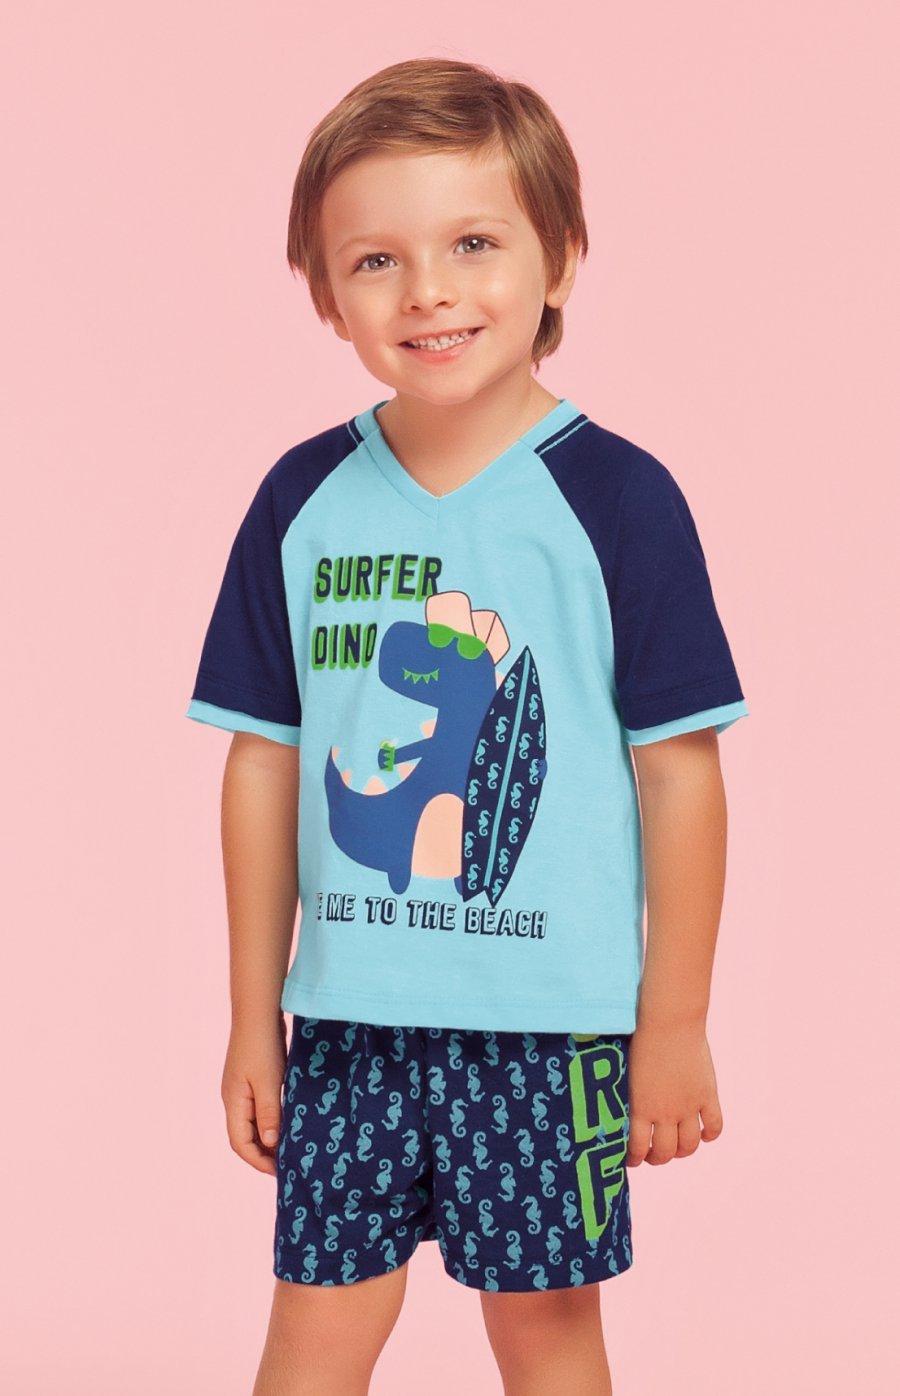 LIQUIDA Pijama Baby 100% Algodão Surfer Dino Verão 2019